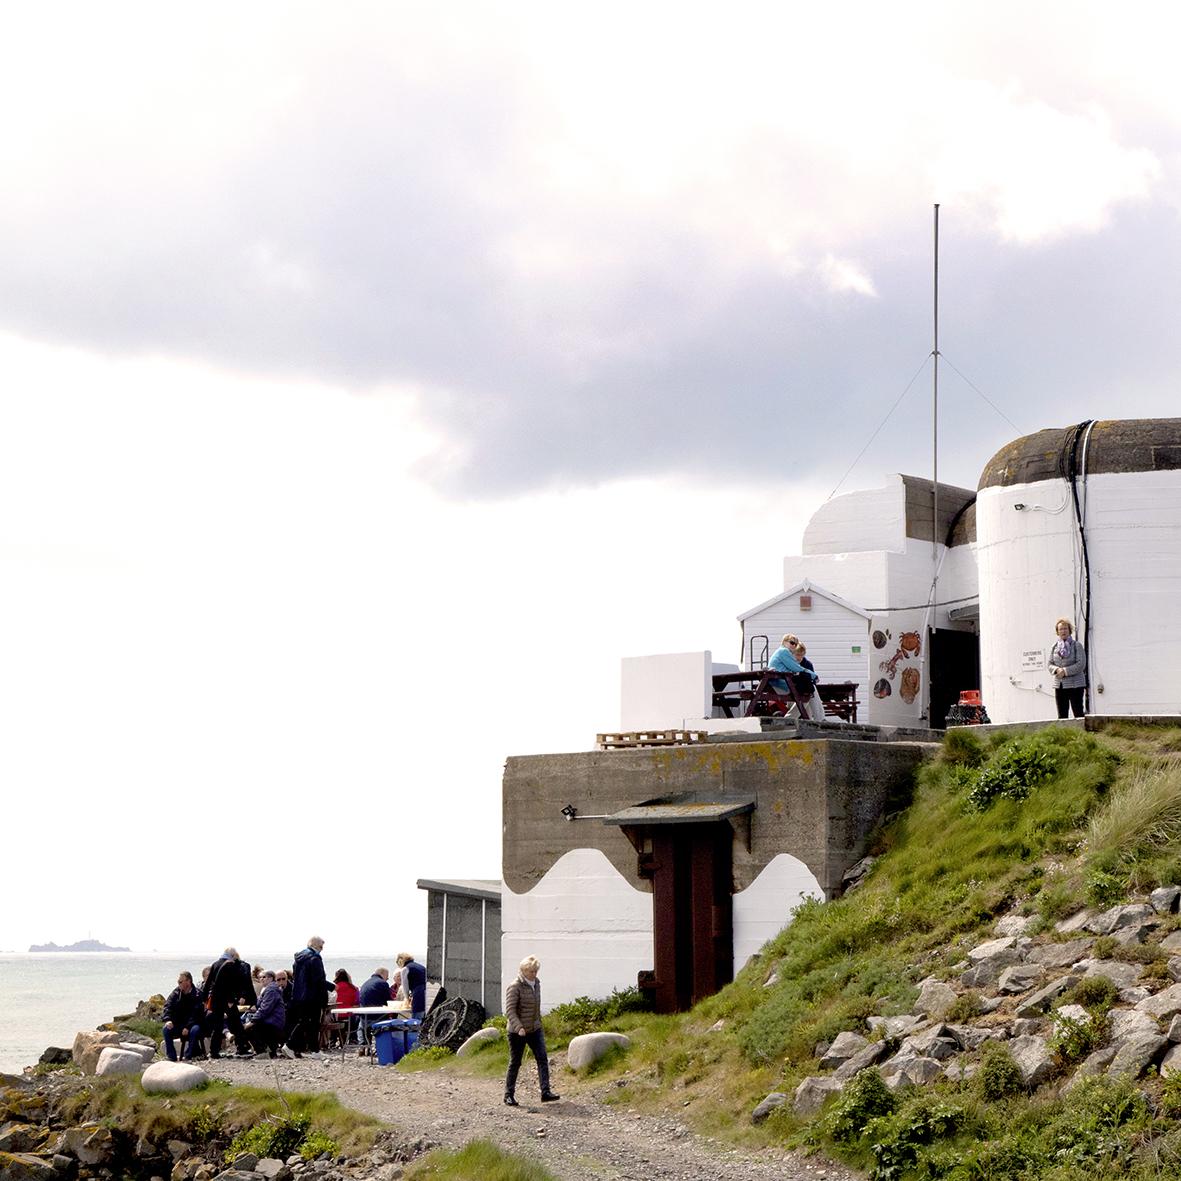 Faulkner Fisheries oftewel een serieuze upgrade voor één van de vele bunkers op het eiland.